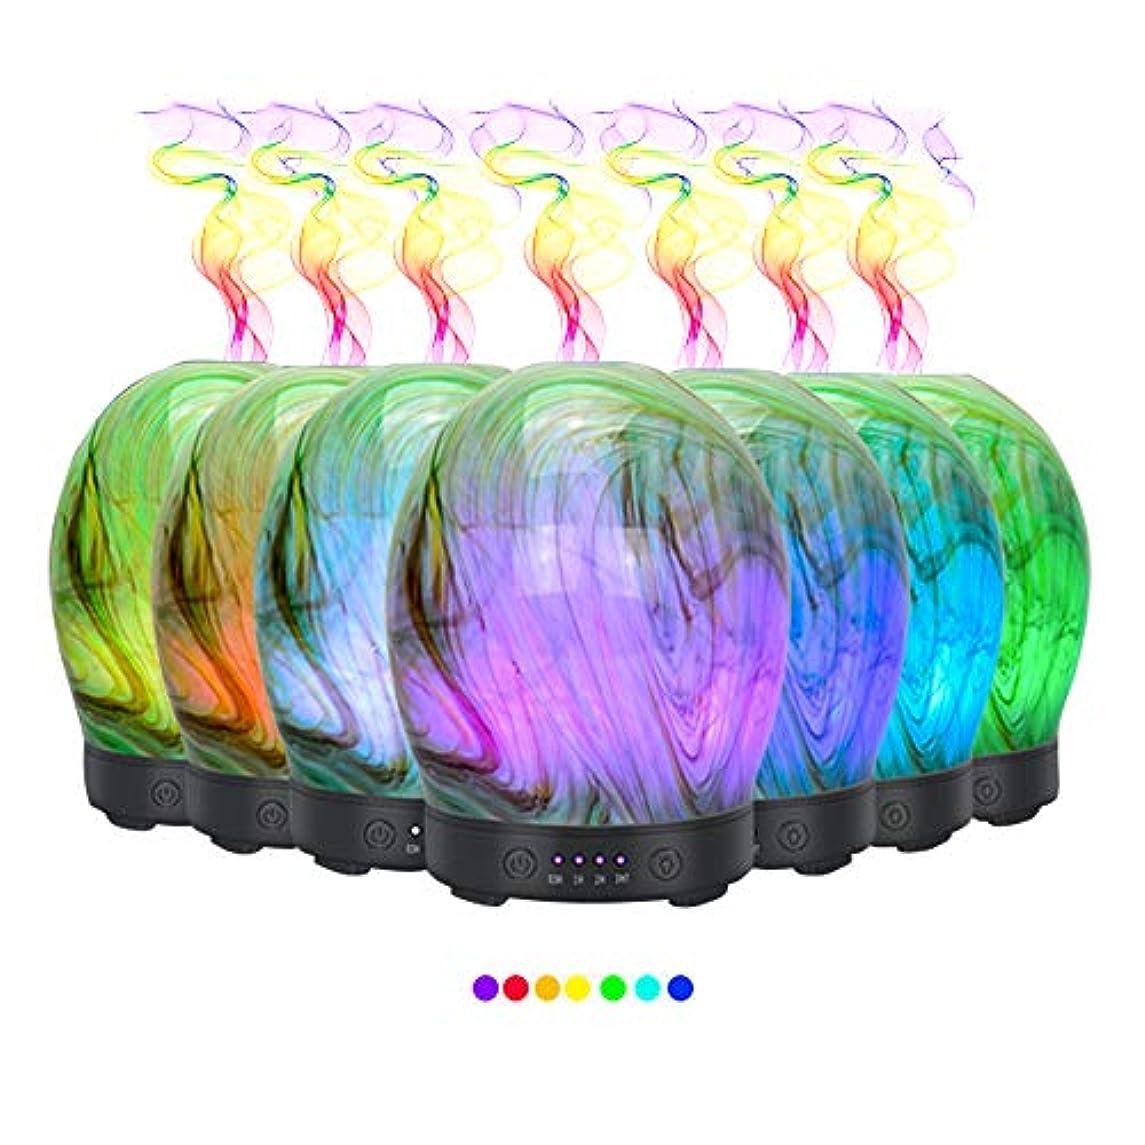 小包機械的にねばねばエッセンシャルオイル用ディフューザー (100ml)-3d アートガラスツイストツリーアロマ加湿器7色の変更 LED ライト & 4 タイマー設定、水なしオートシャットオフ